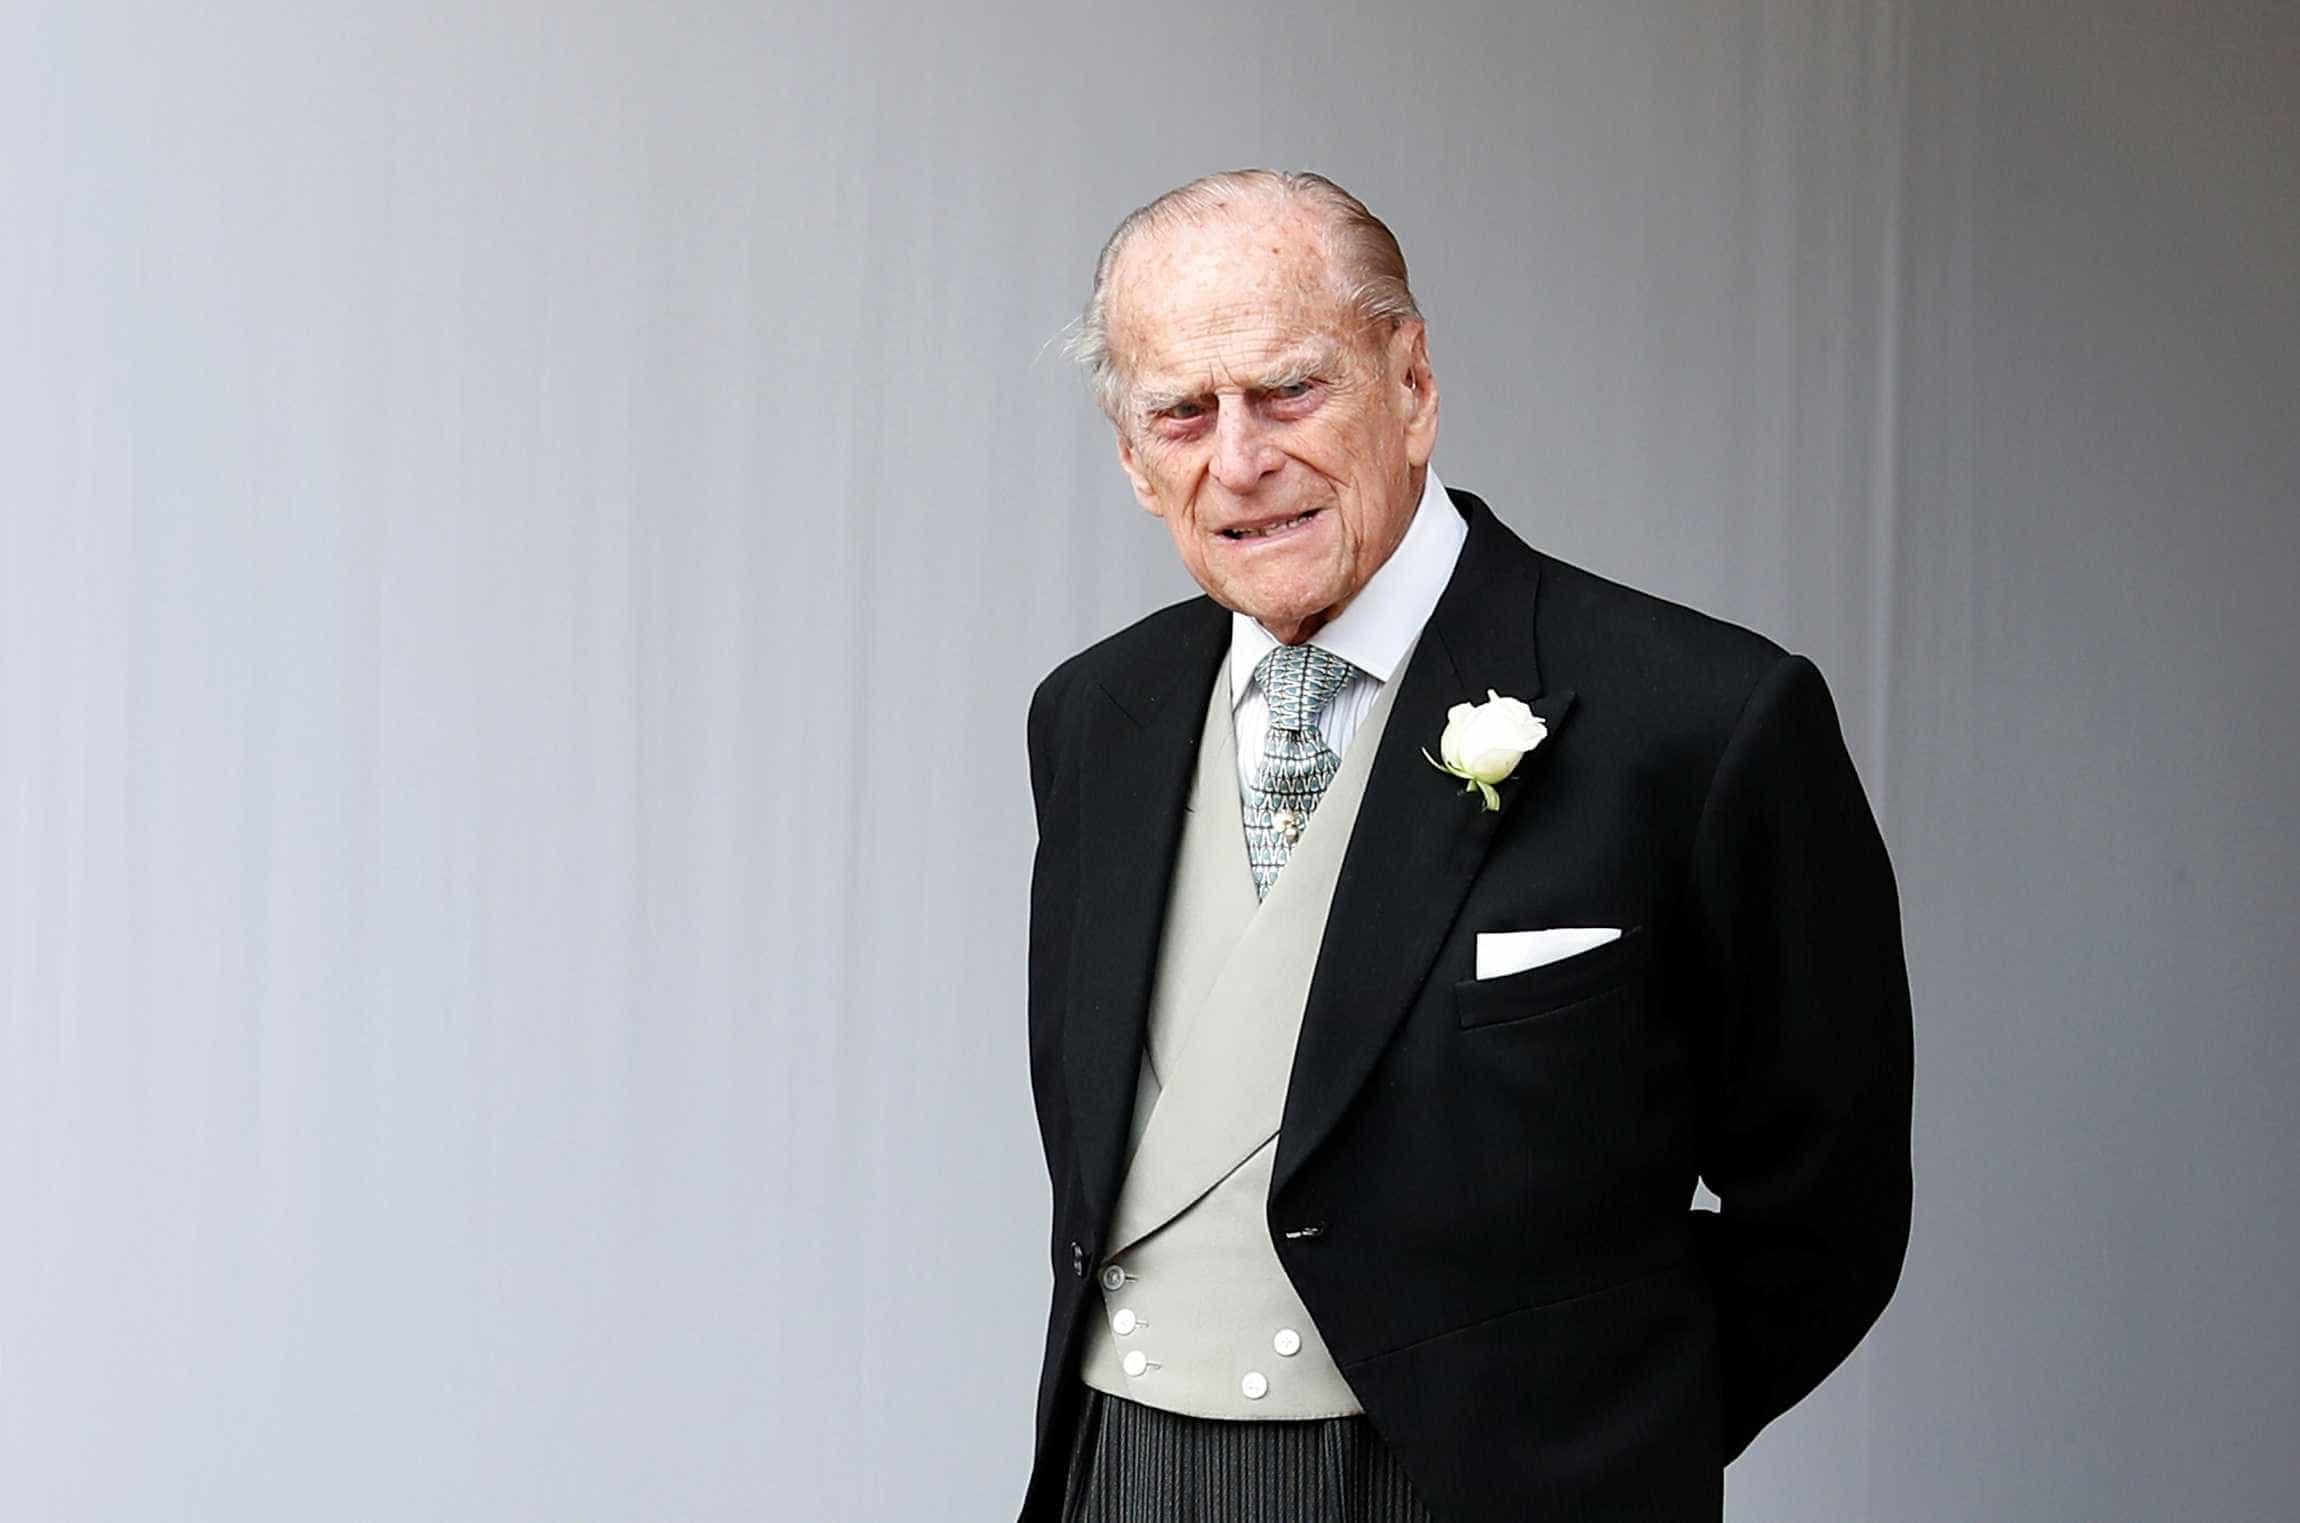 Príncipe Philip entrega carteira de motorista semanas após acidente